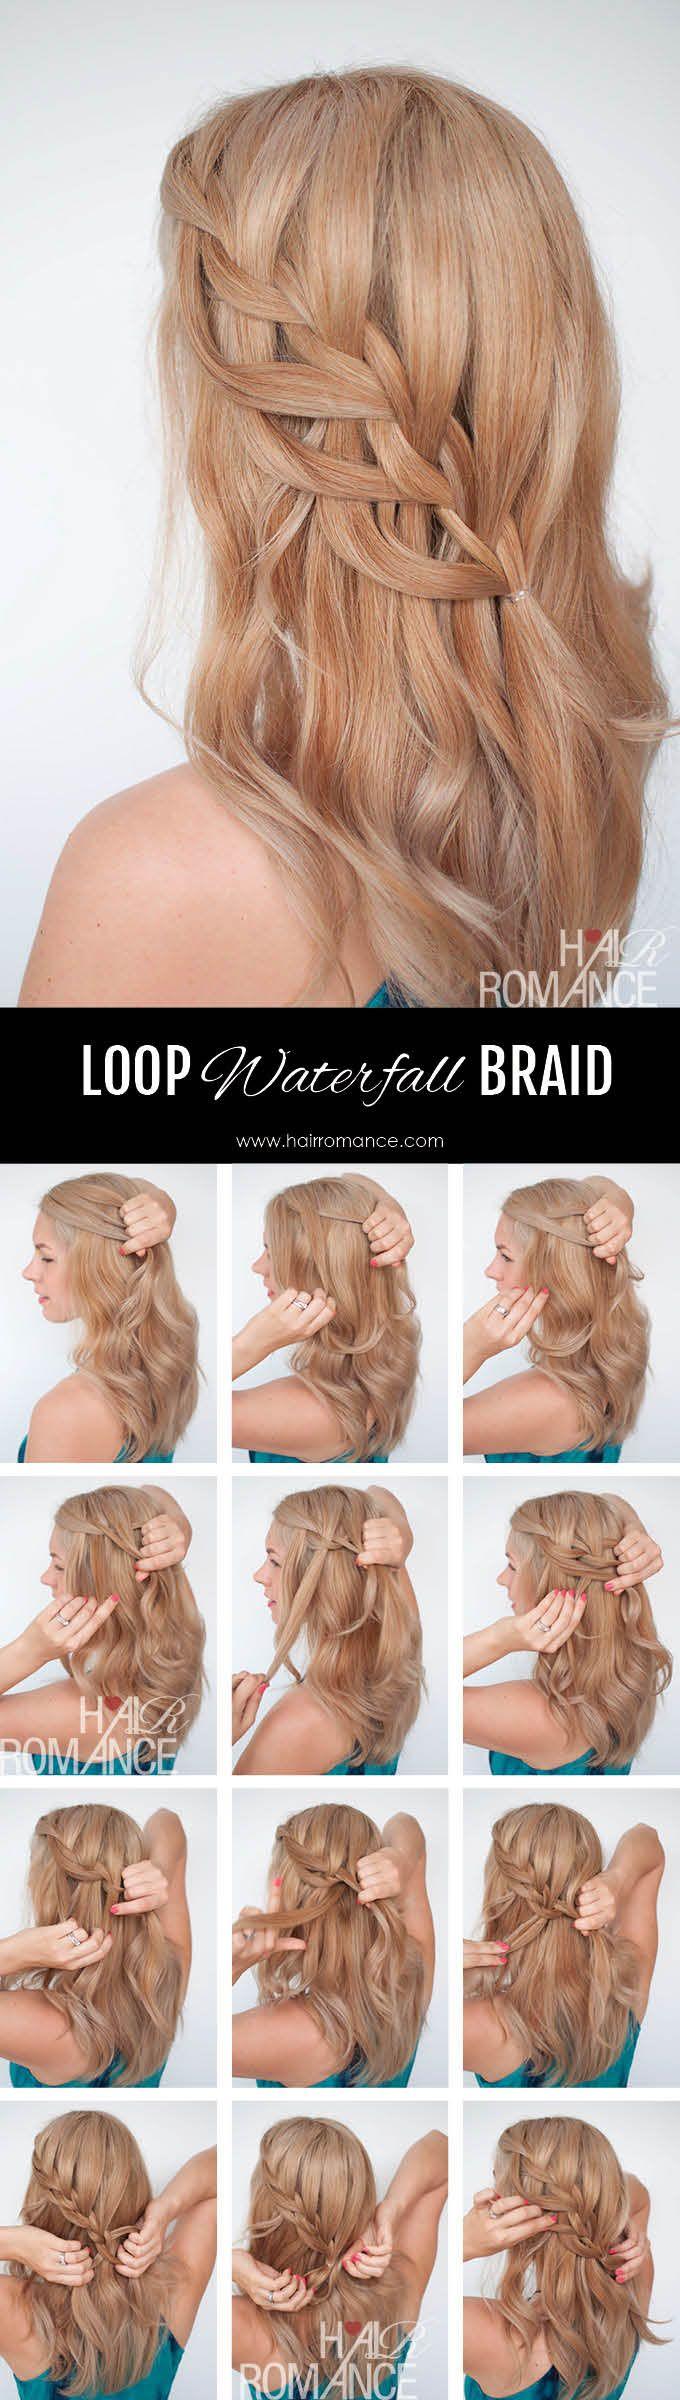 Stupendous Loop Waterfall Braid Tutorial Hair Romance Braided Hairstyles Natural Hairstyles Runnerswayorg